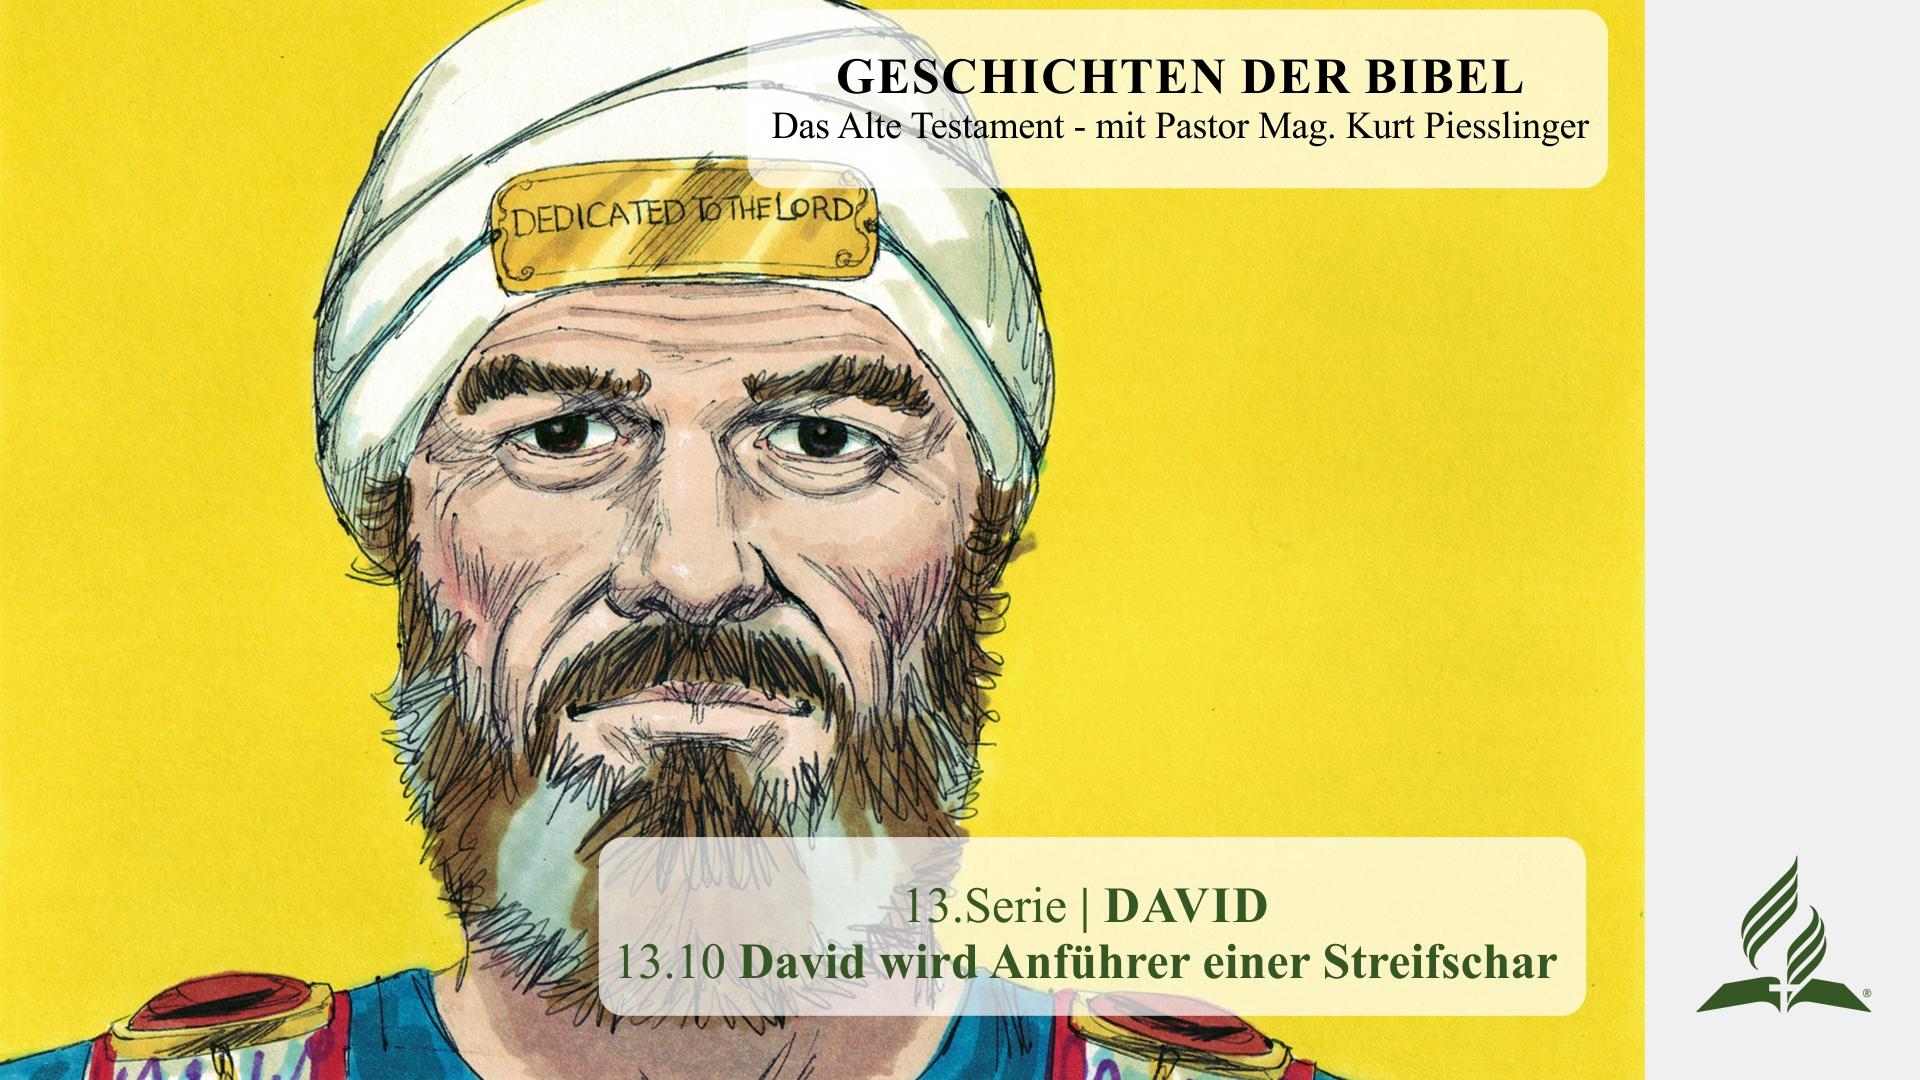 GESCHICHTEN DER BIBEL: 13.10 David wird Anführer einer Streifschar – 13.DAVID | Pastor Mag. Kurt Piesslinger